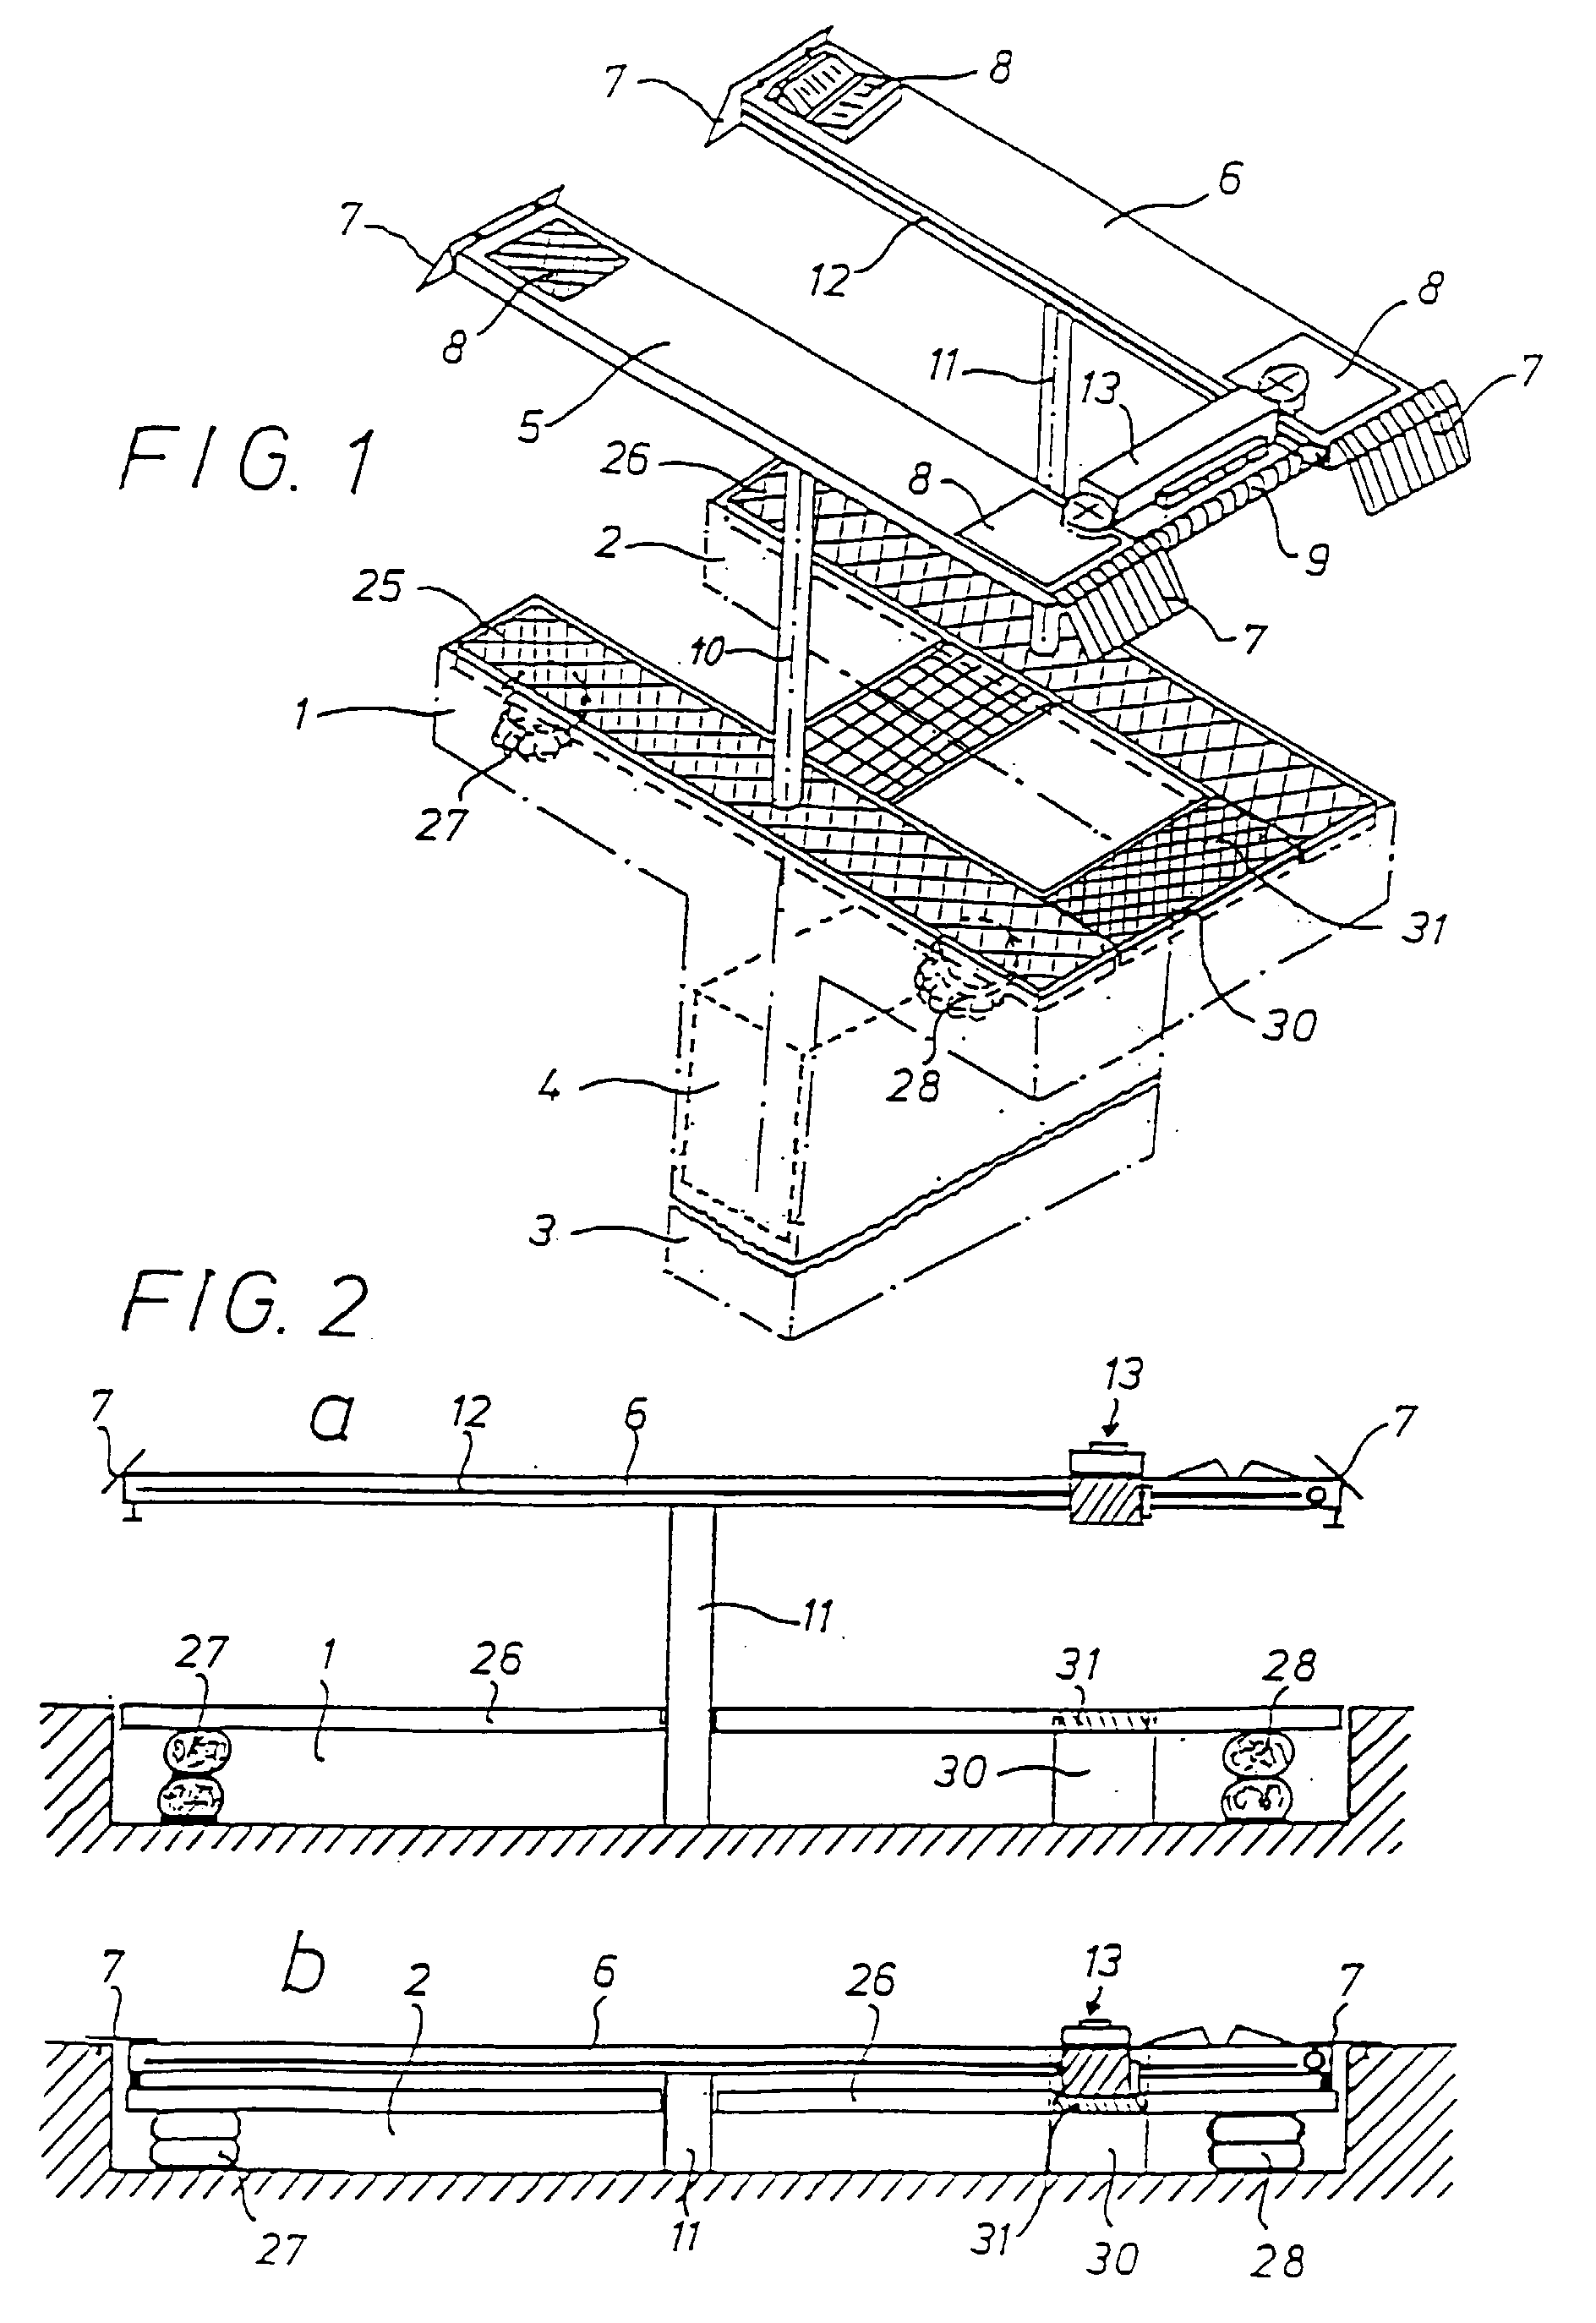 Relativ Hebebühne für zweispurige Fahrzeuge - Patent 0972742 EG18